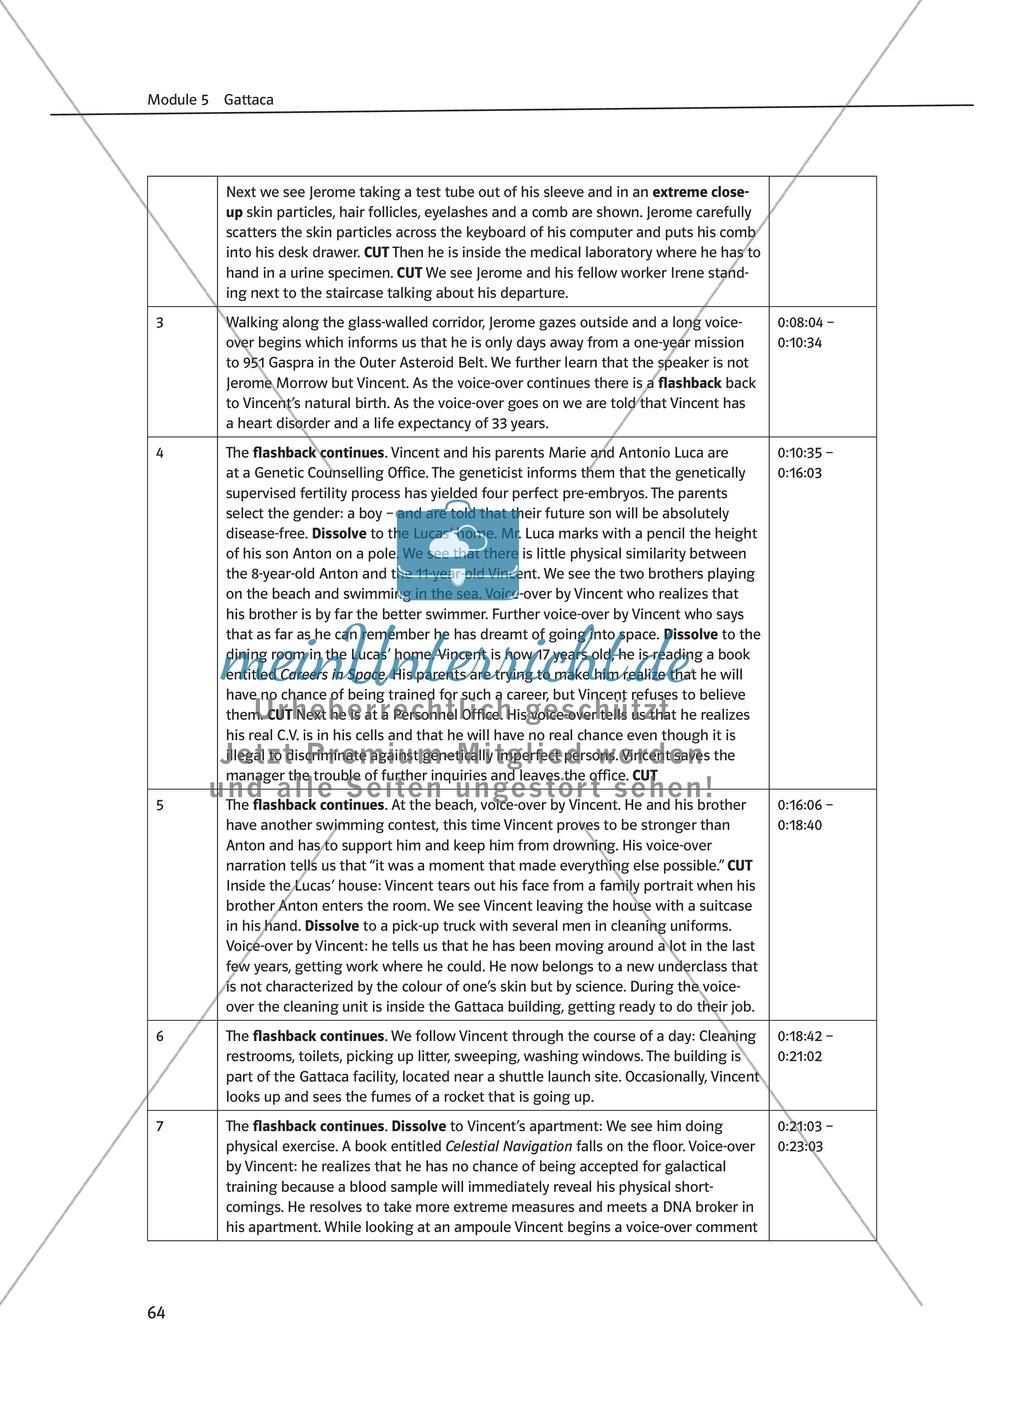 Gattaca - Allgemeine Informationen und Szenenprotokoll - Übersicht über Inhalt und Kameraeinstellungen Preview 1